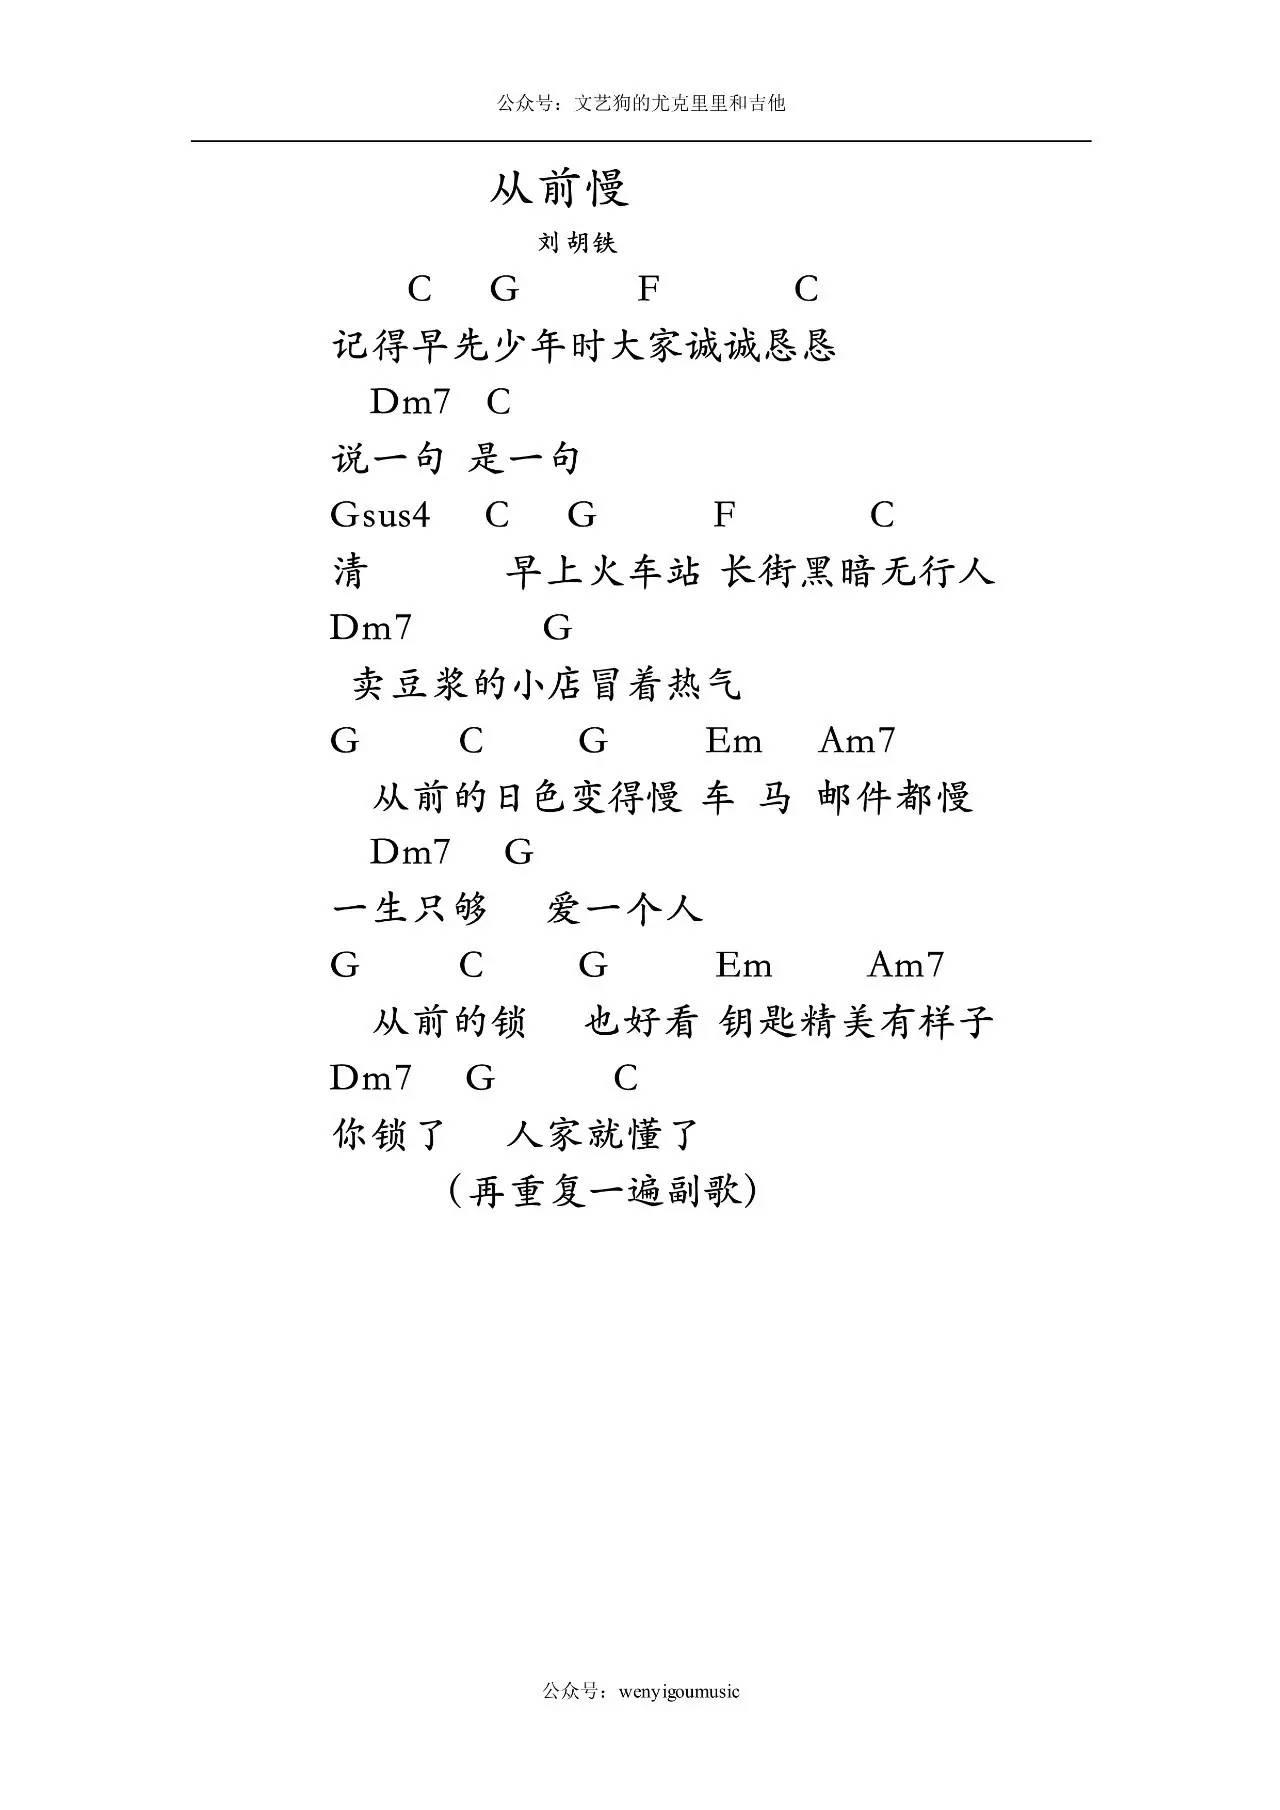 congqianm1